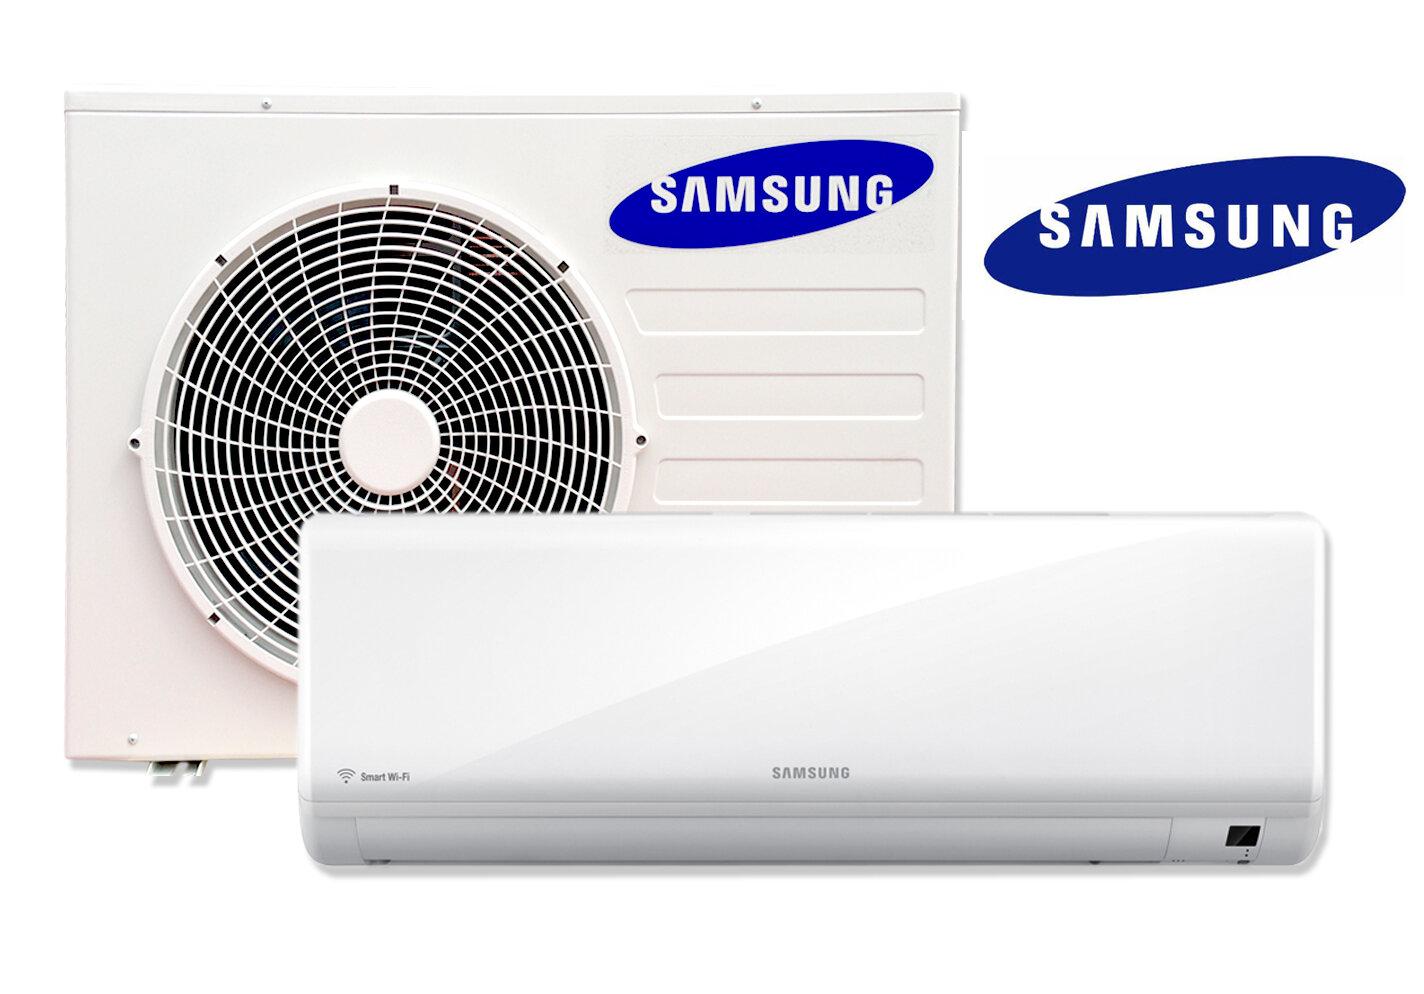 Bảng giá các dòng điều hòa máy lạnh Samsung 1 chiều cập nhật thị trường tháng 1/2016